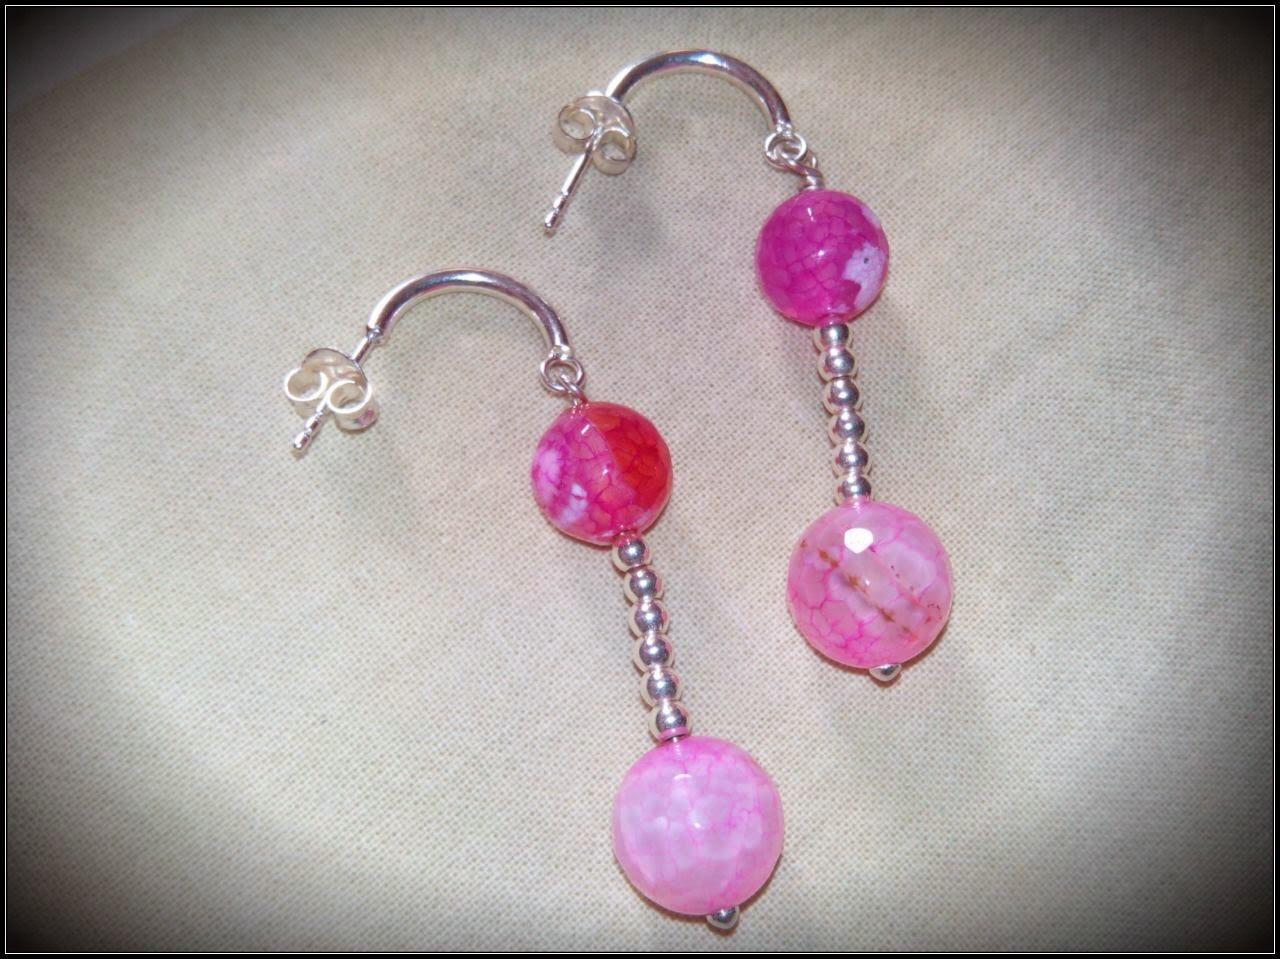 Pendientes plata semipreciosas ágatas rosas artesanales personalizados. Joyería